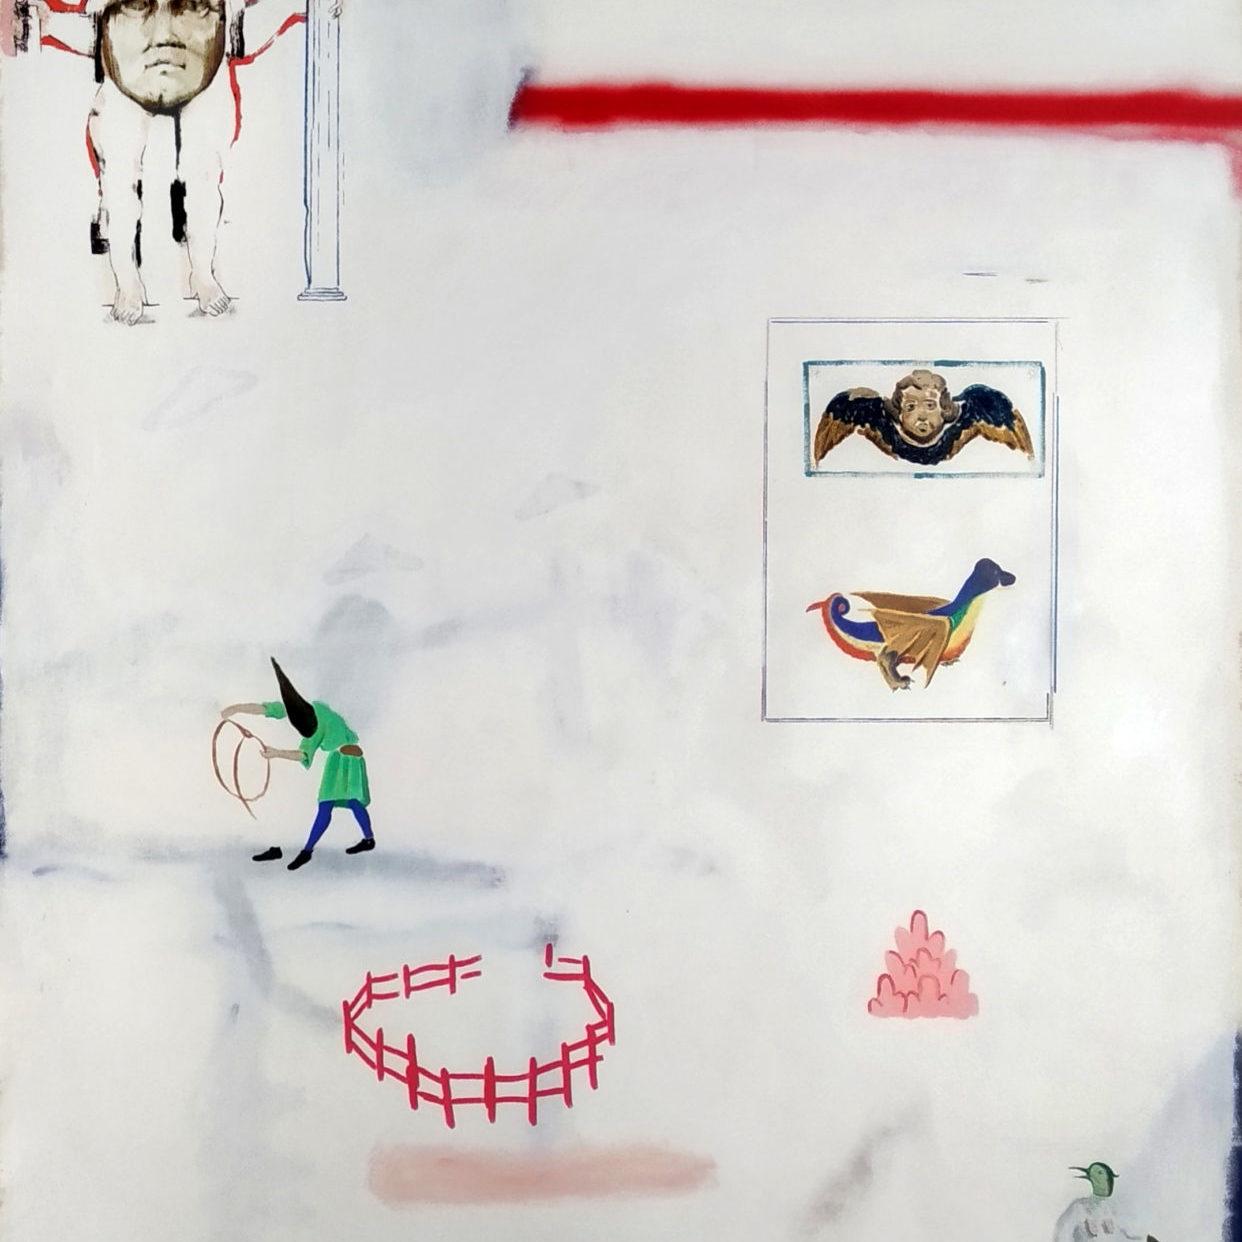 Daniel-Dobarco-El-mapa-del-beato-Oil-spray-and-marker-on-canvas-162-x-130-cm-2019